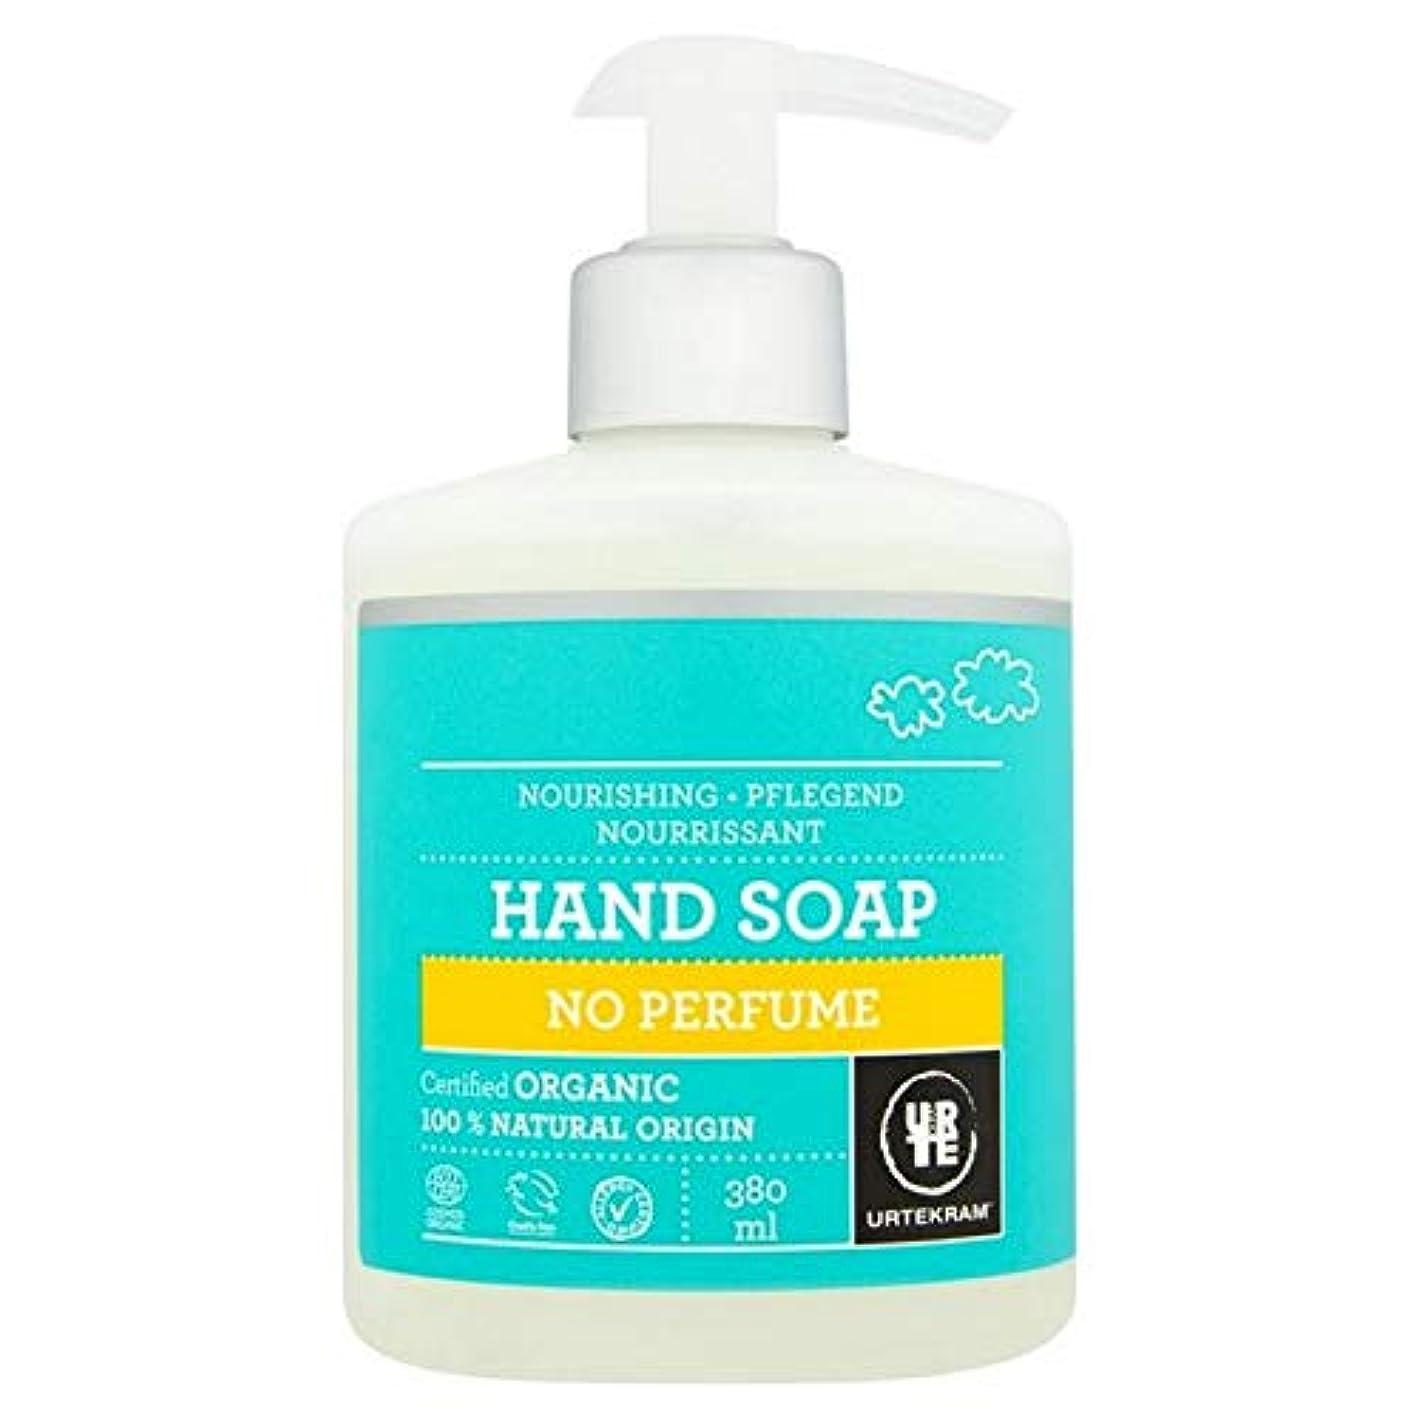 投資払い戻し運営[Urtekram] 何の香水、液体ハンドソープ380ミリリットルをUrtekramありません - Urtekram No Perfume Liquid Hand Soap 380ml [並行輸入品]